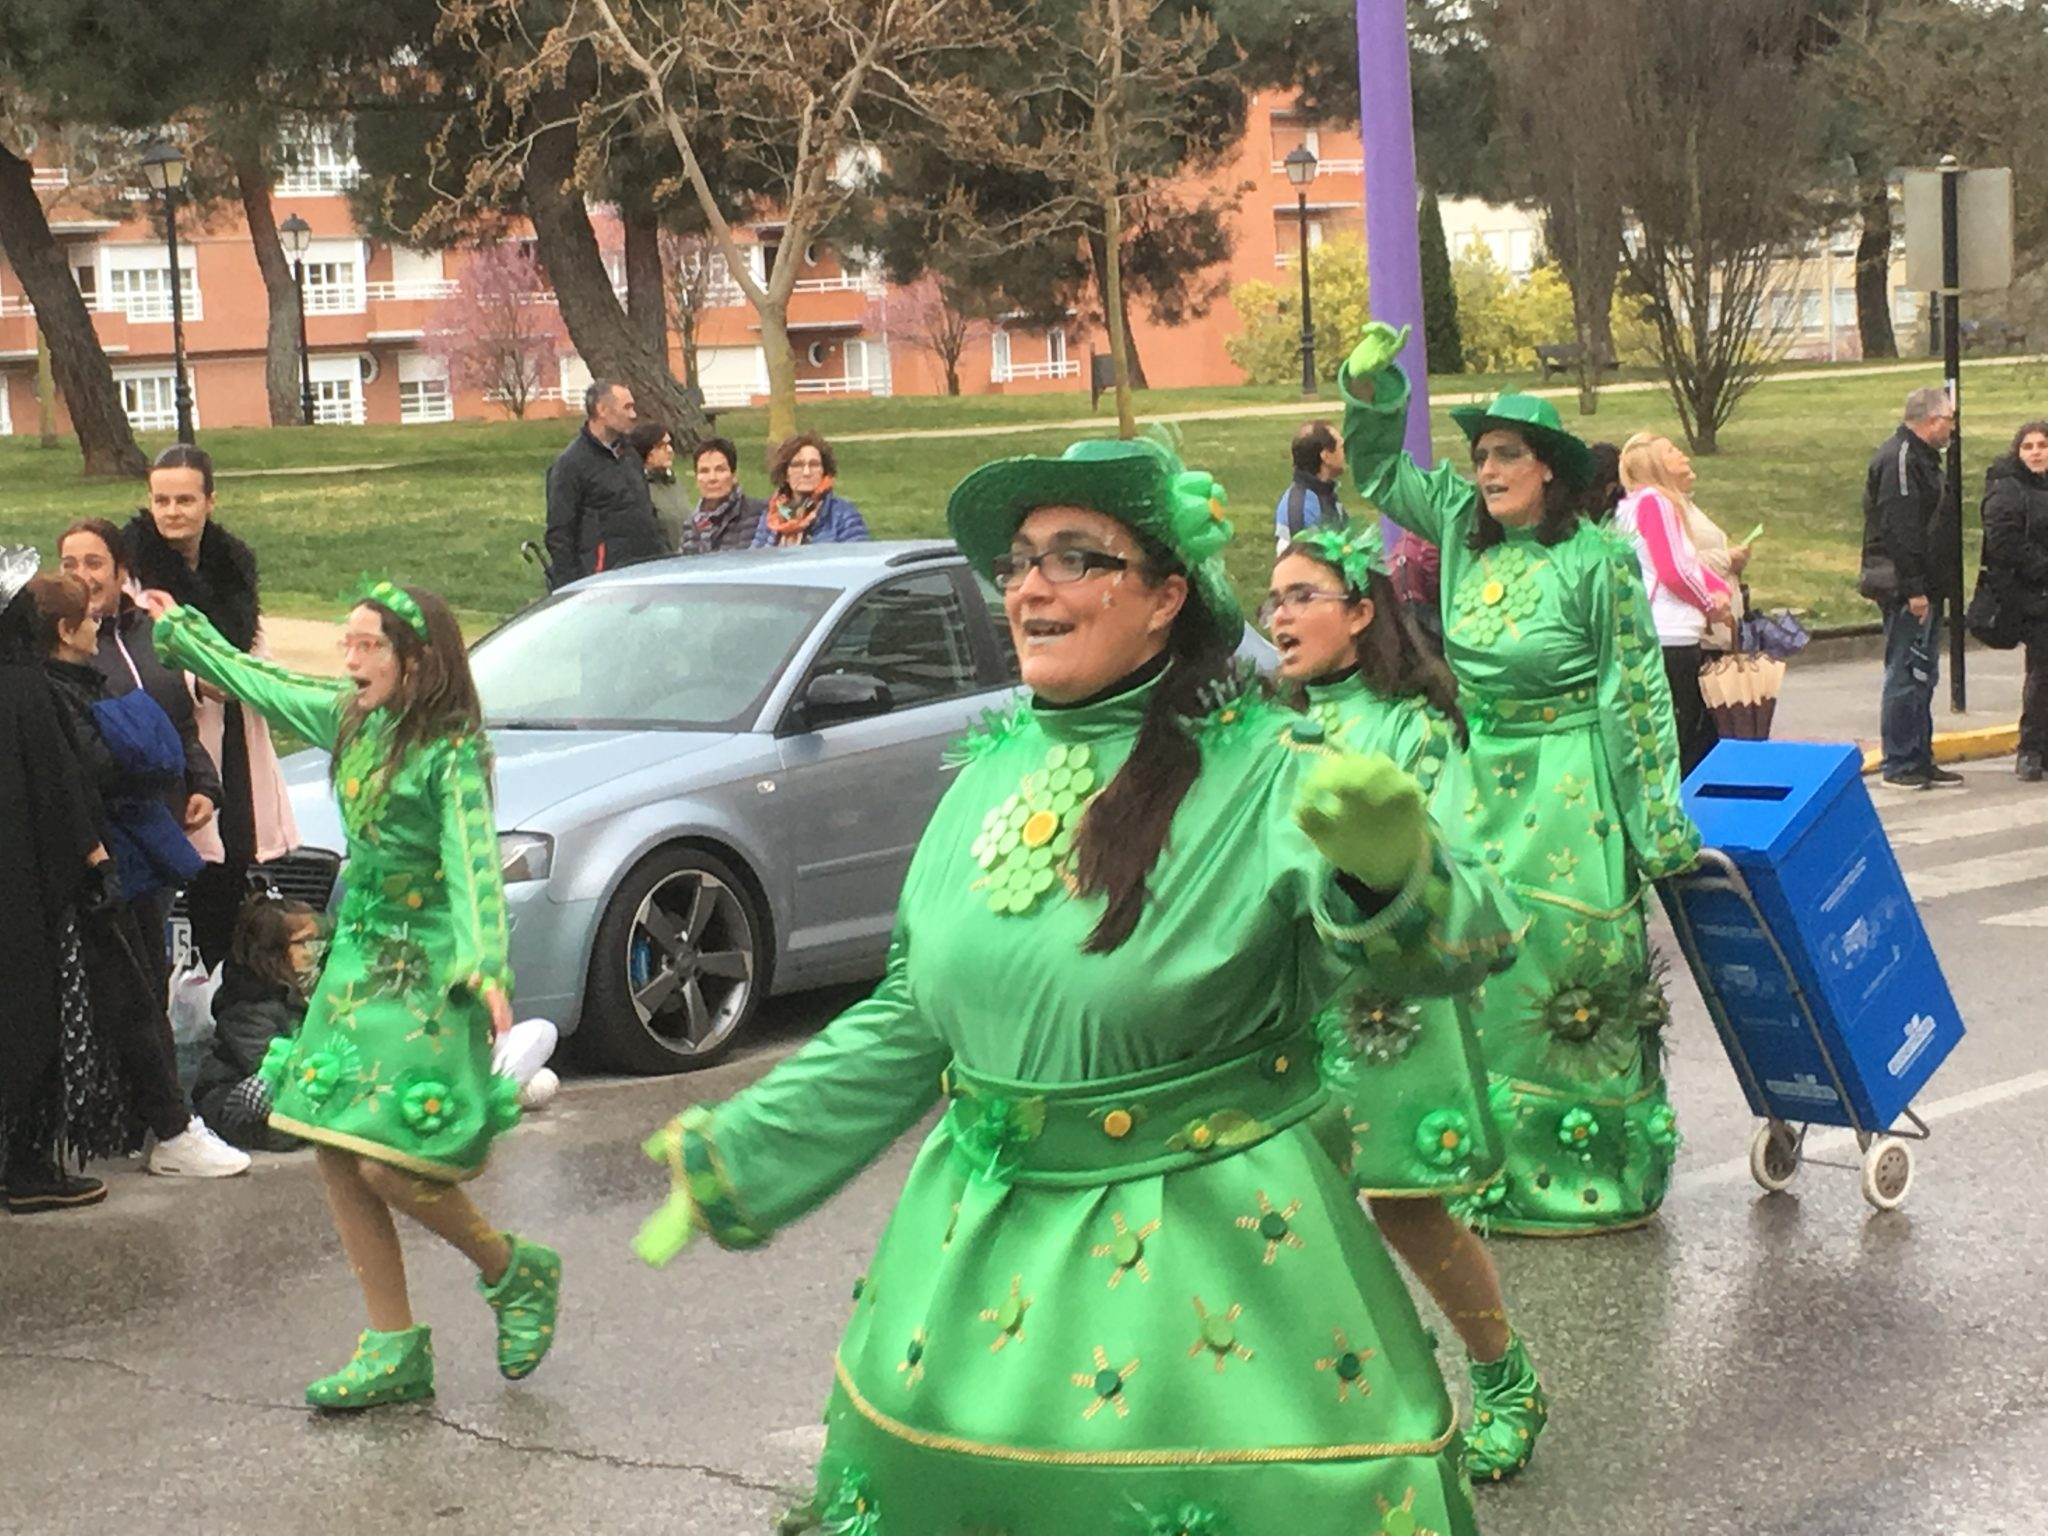 Álbum de fotos del martes de Carnaval 2019 en Ponferrada 49